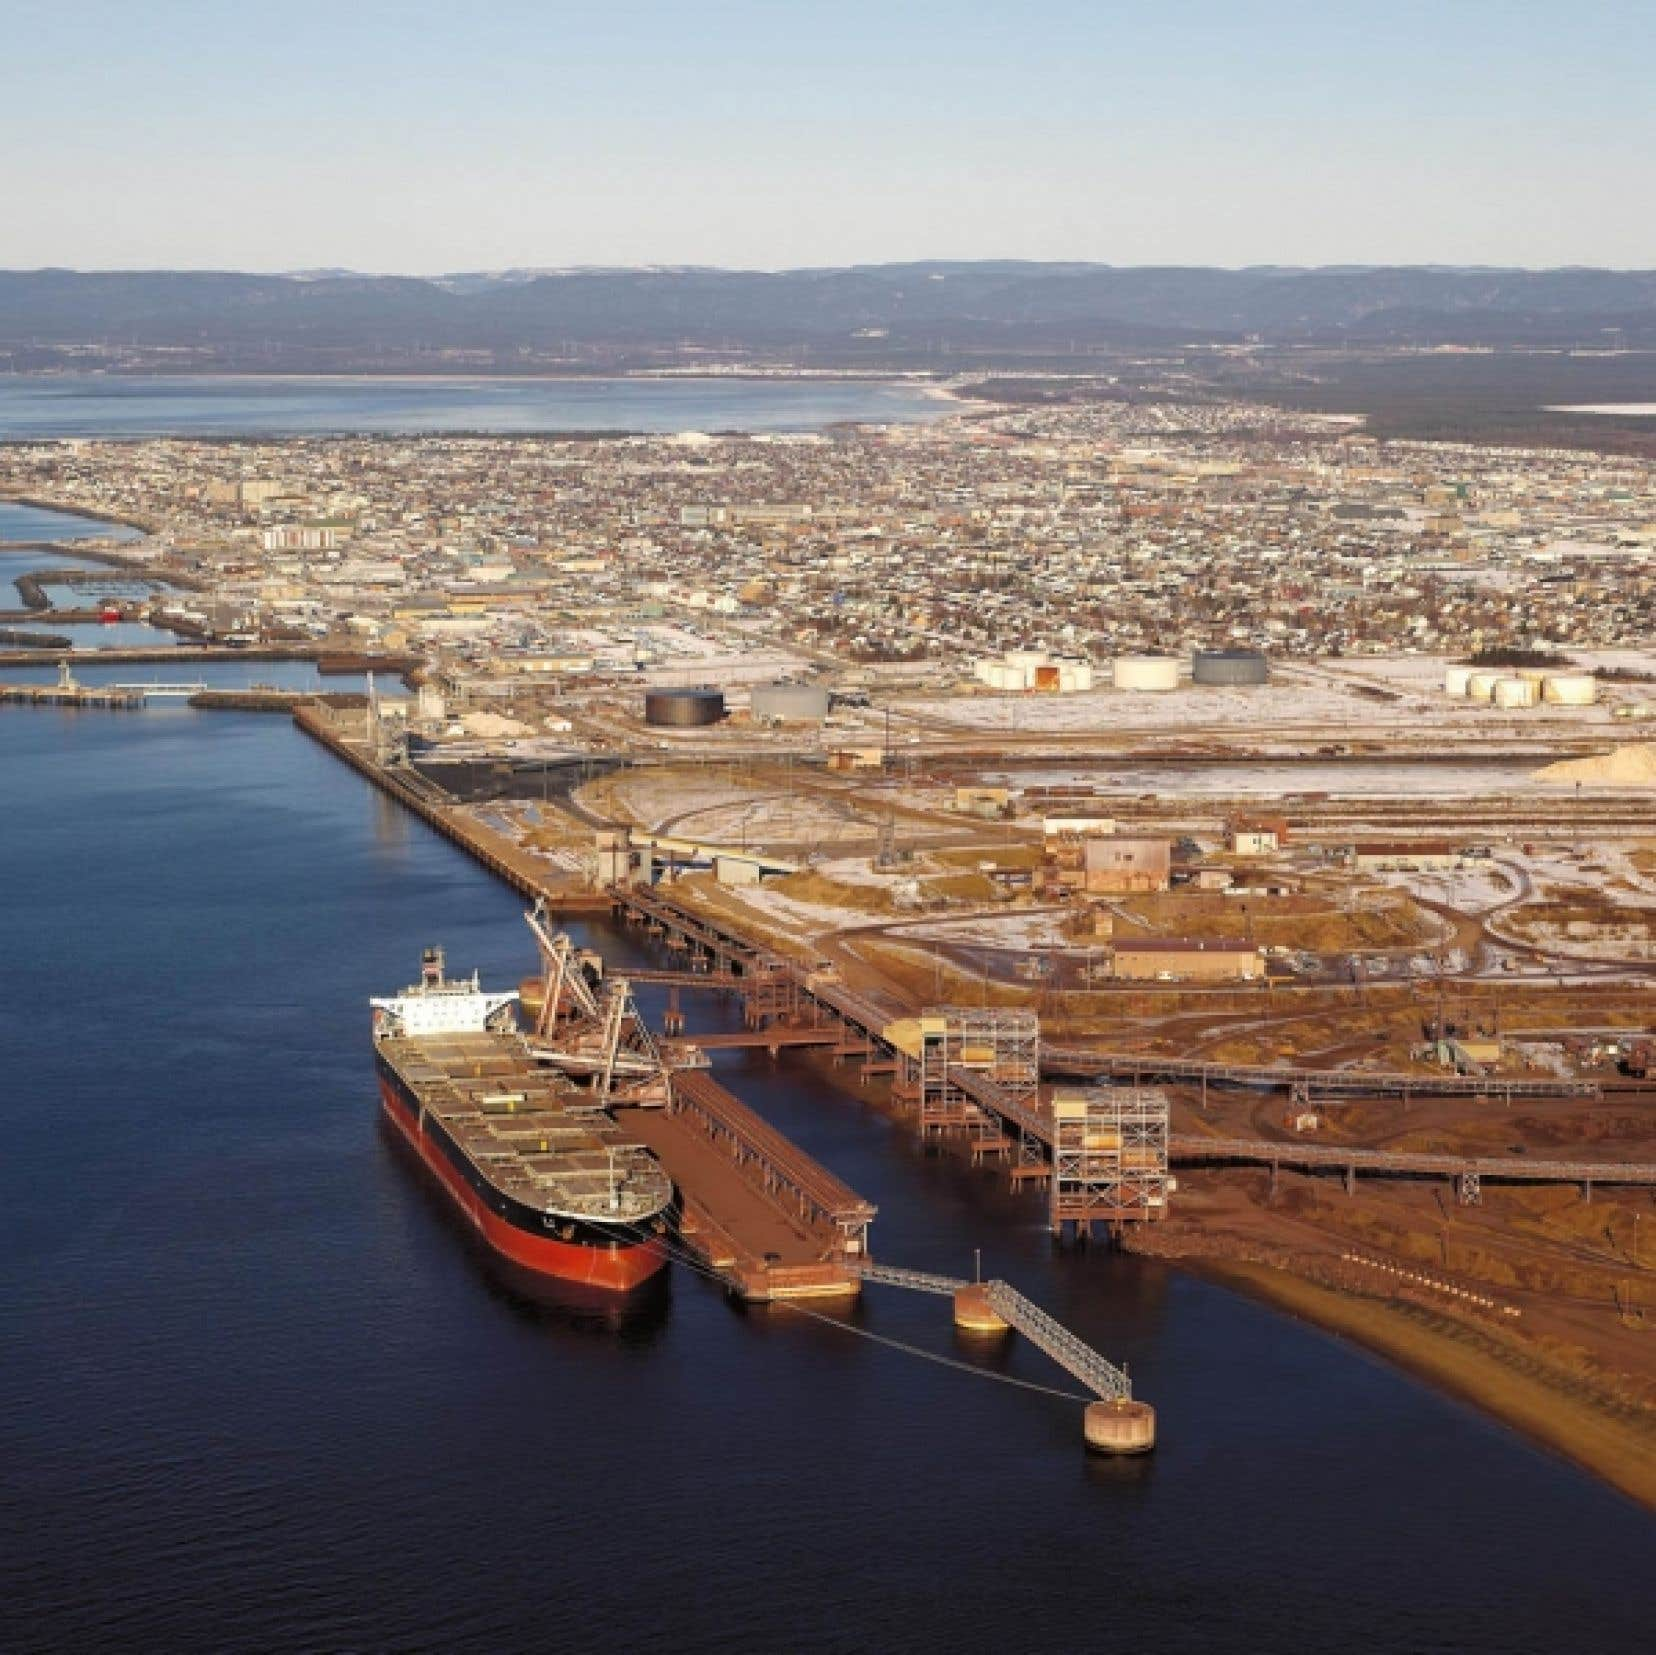 Le port de Sept-Îles aujourd'hui. L'histoire a montré que le développement économique des régions riches en ressources naturelles n'a jamais été un long fleuve tranquille.